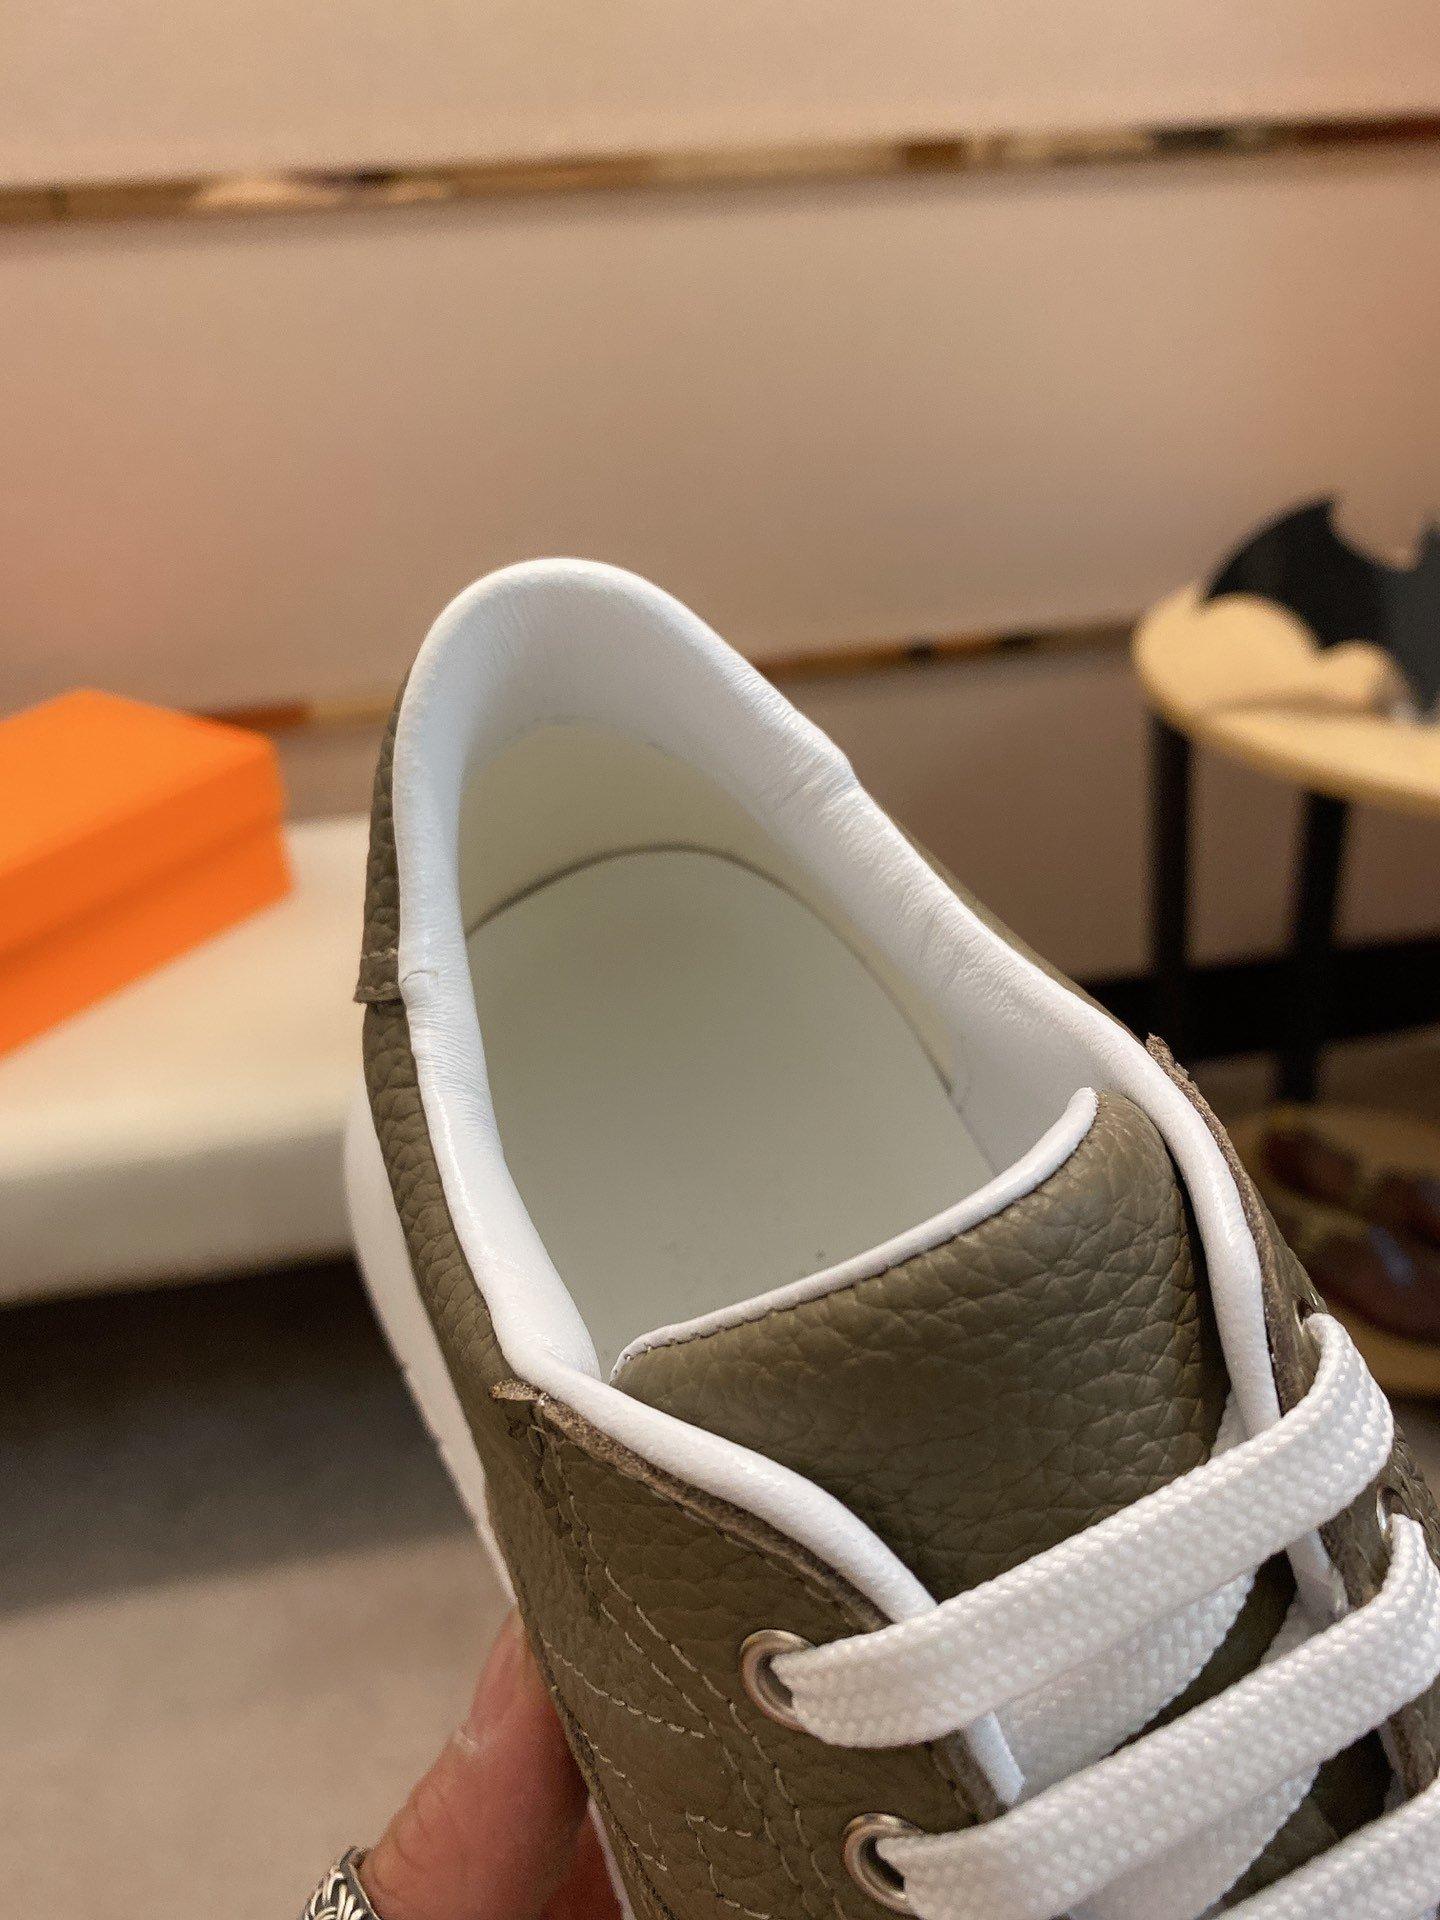 爱马仕H家高端休闲运动鞋全新升级进口